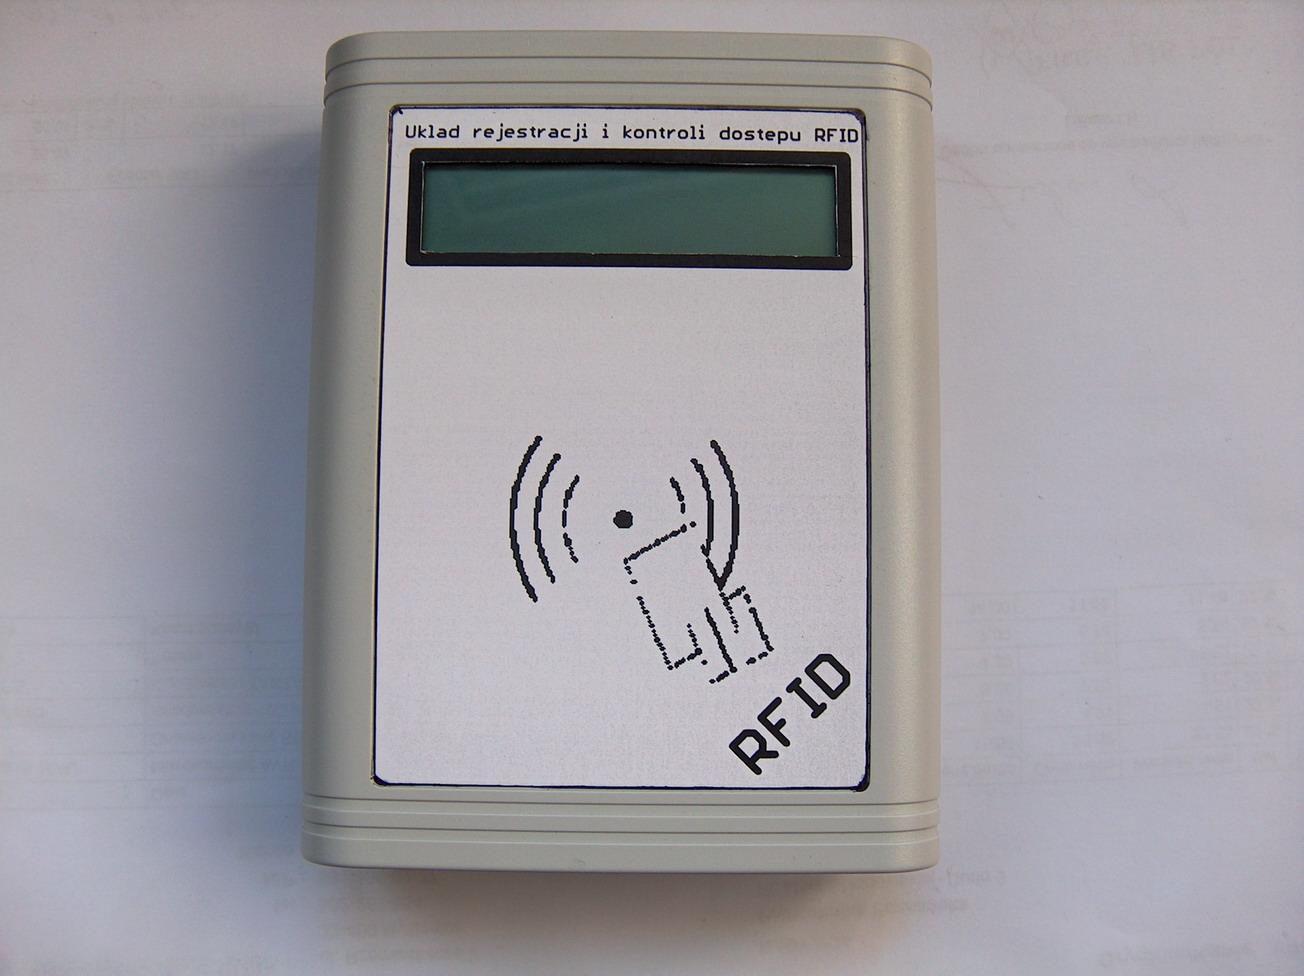 Kontrola dost�pu do serwerowni przy u�yciu kart chip